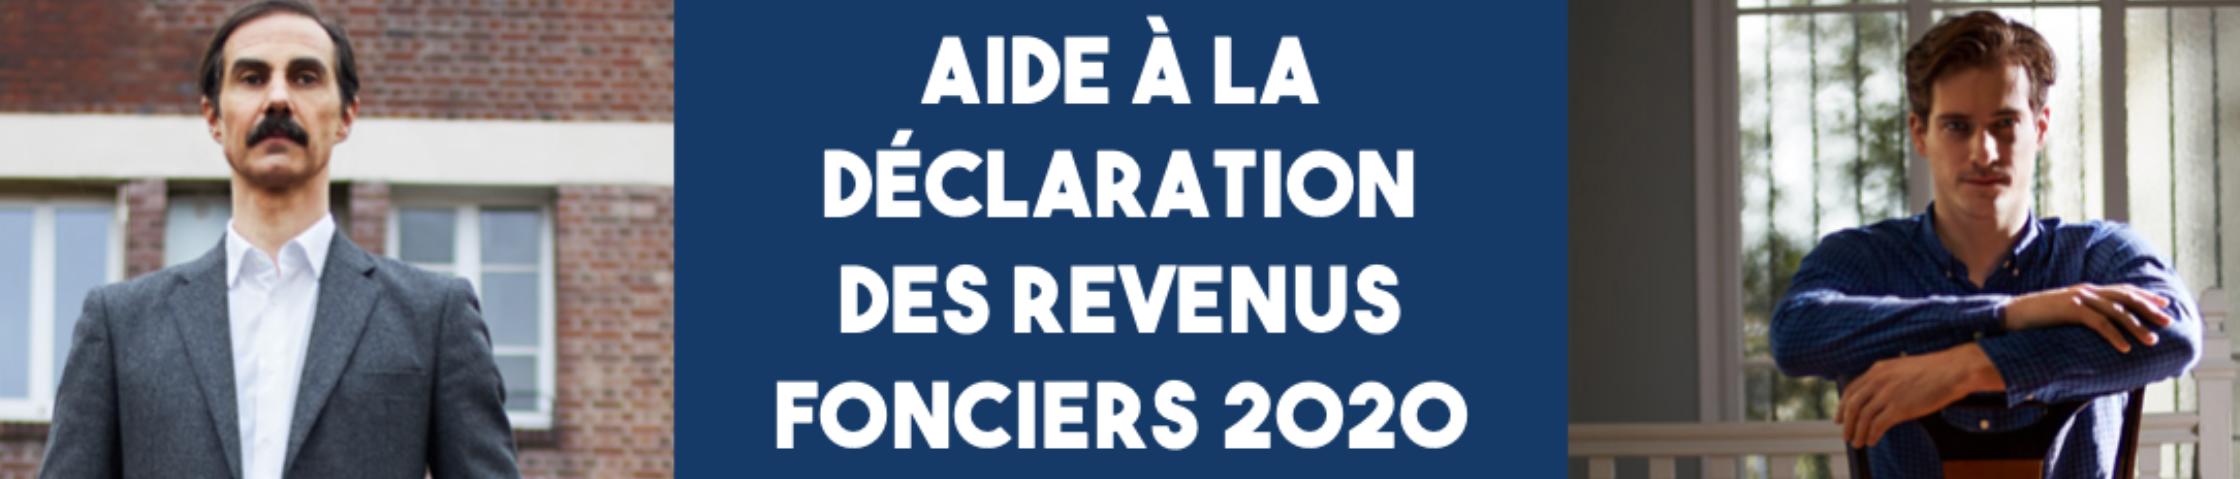 Aide à la déclaration des revenus fonciers 2020